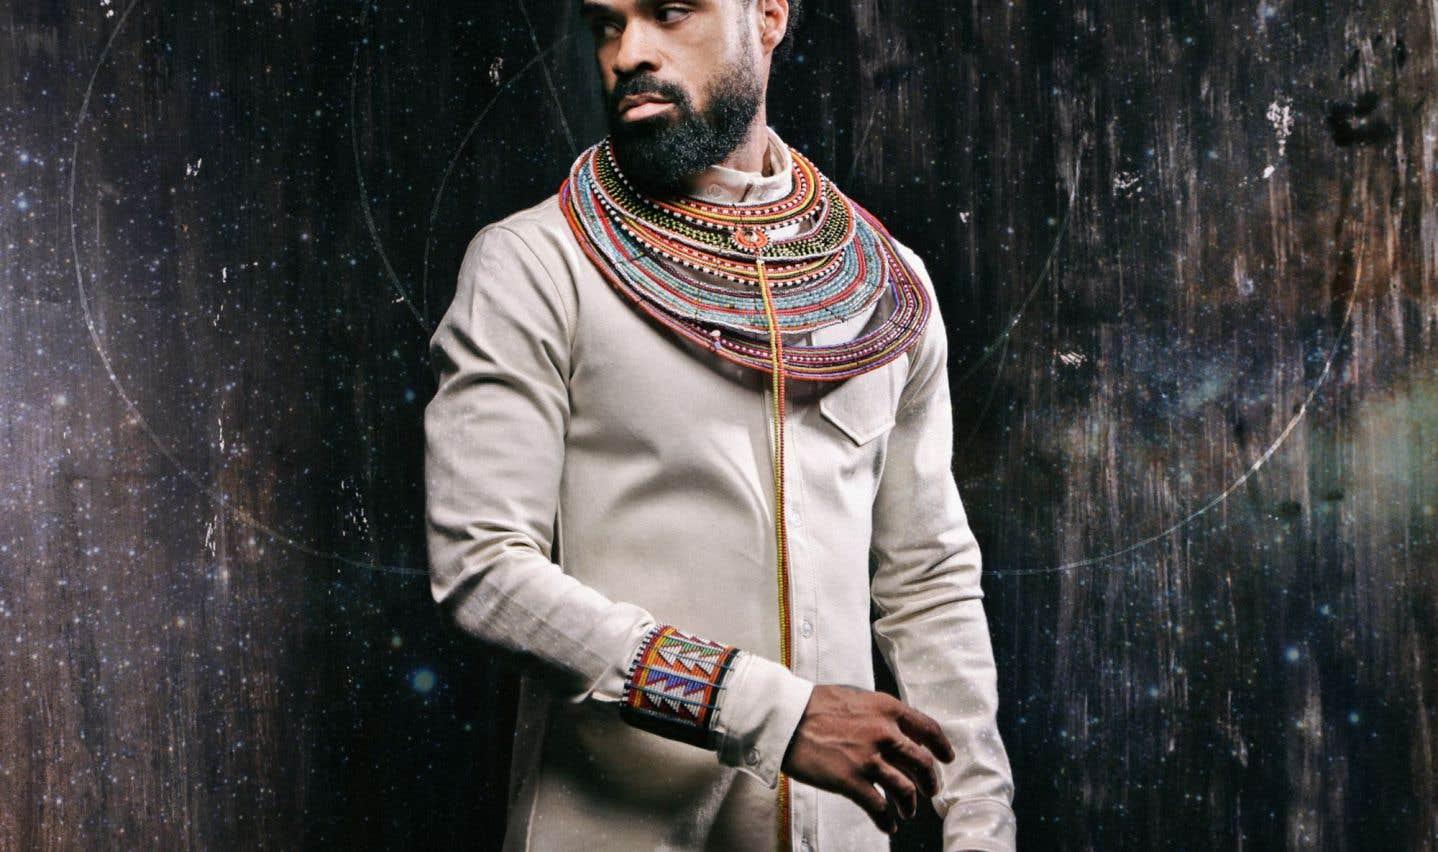 Bilal Sayeed Oliver présentera un tour de chant paré des couleurs jazz-funk brutes de son plus récent album, «In Another Life».